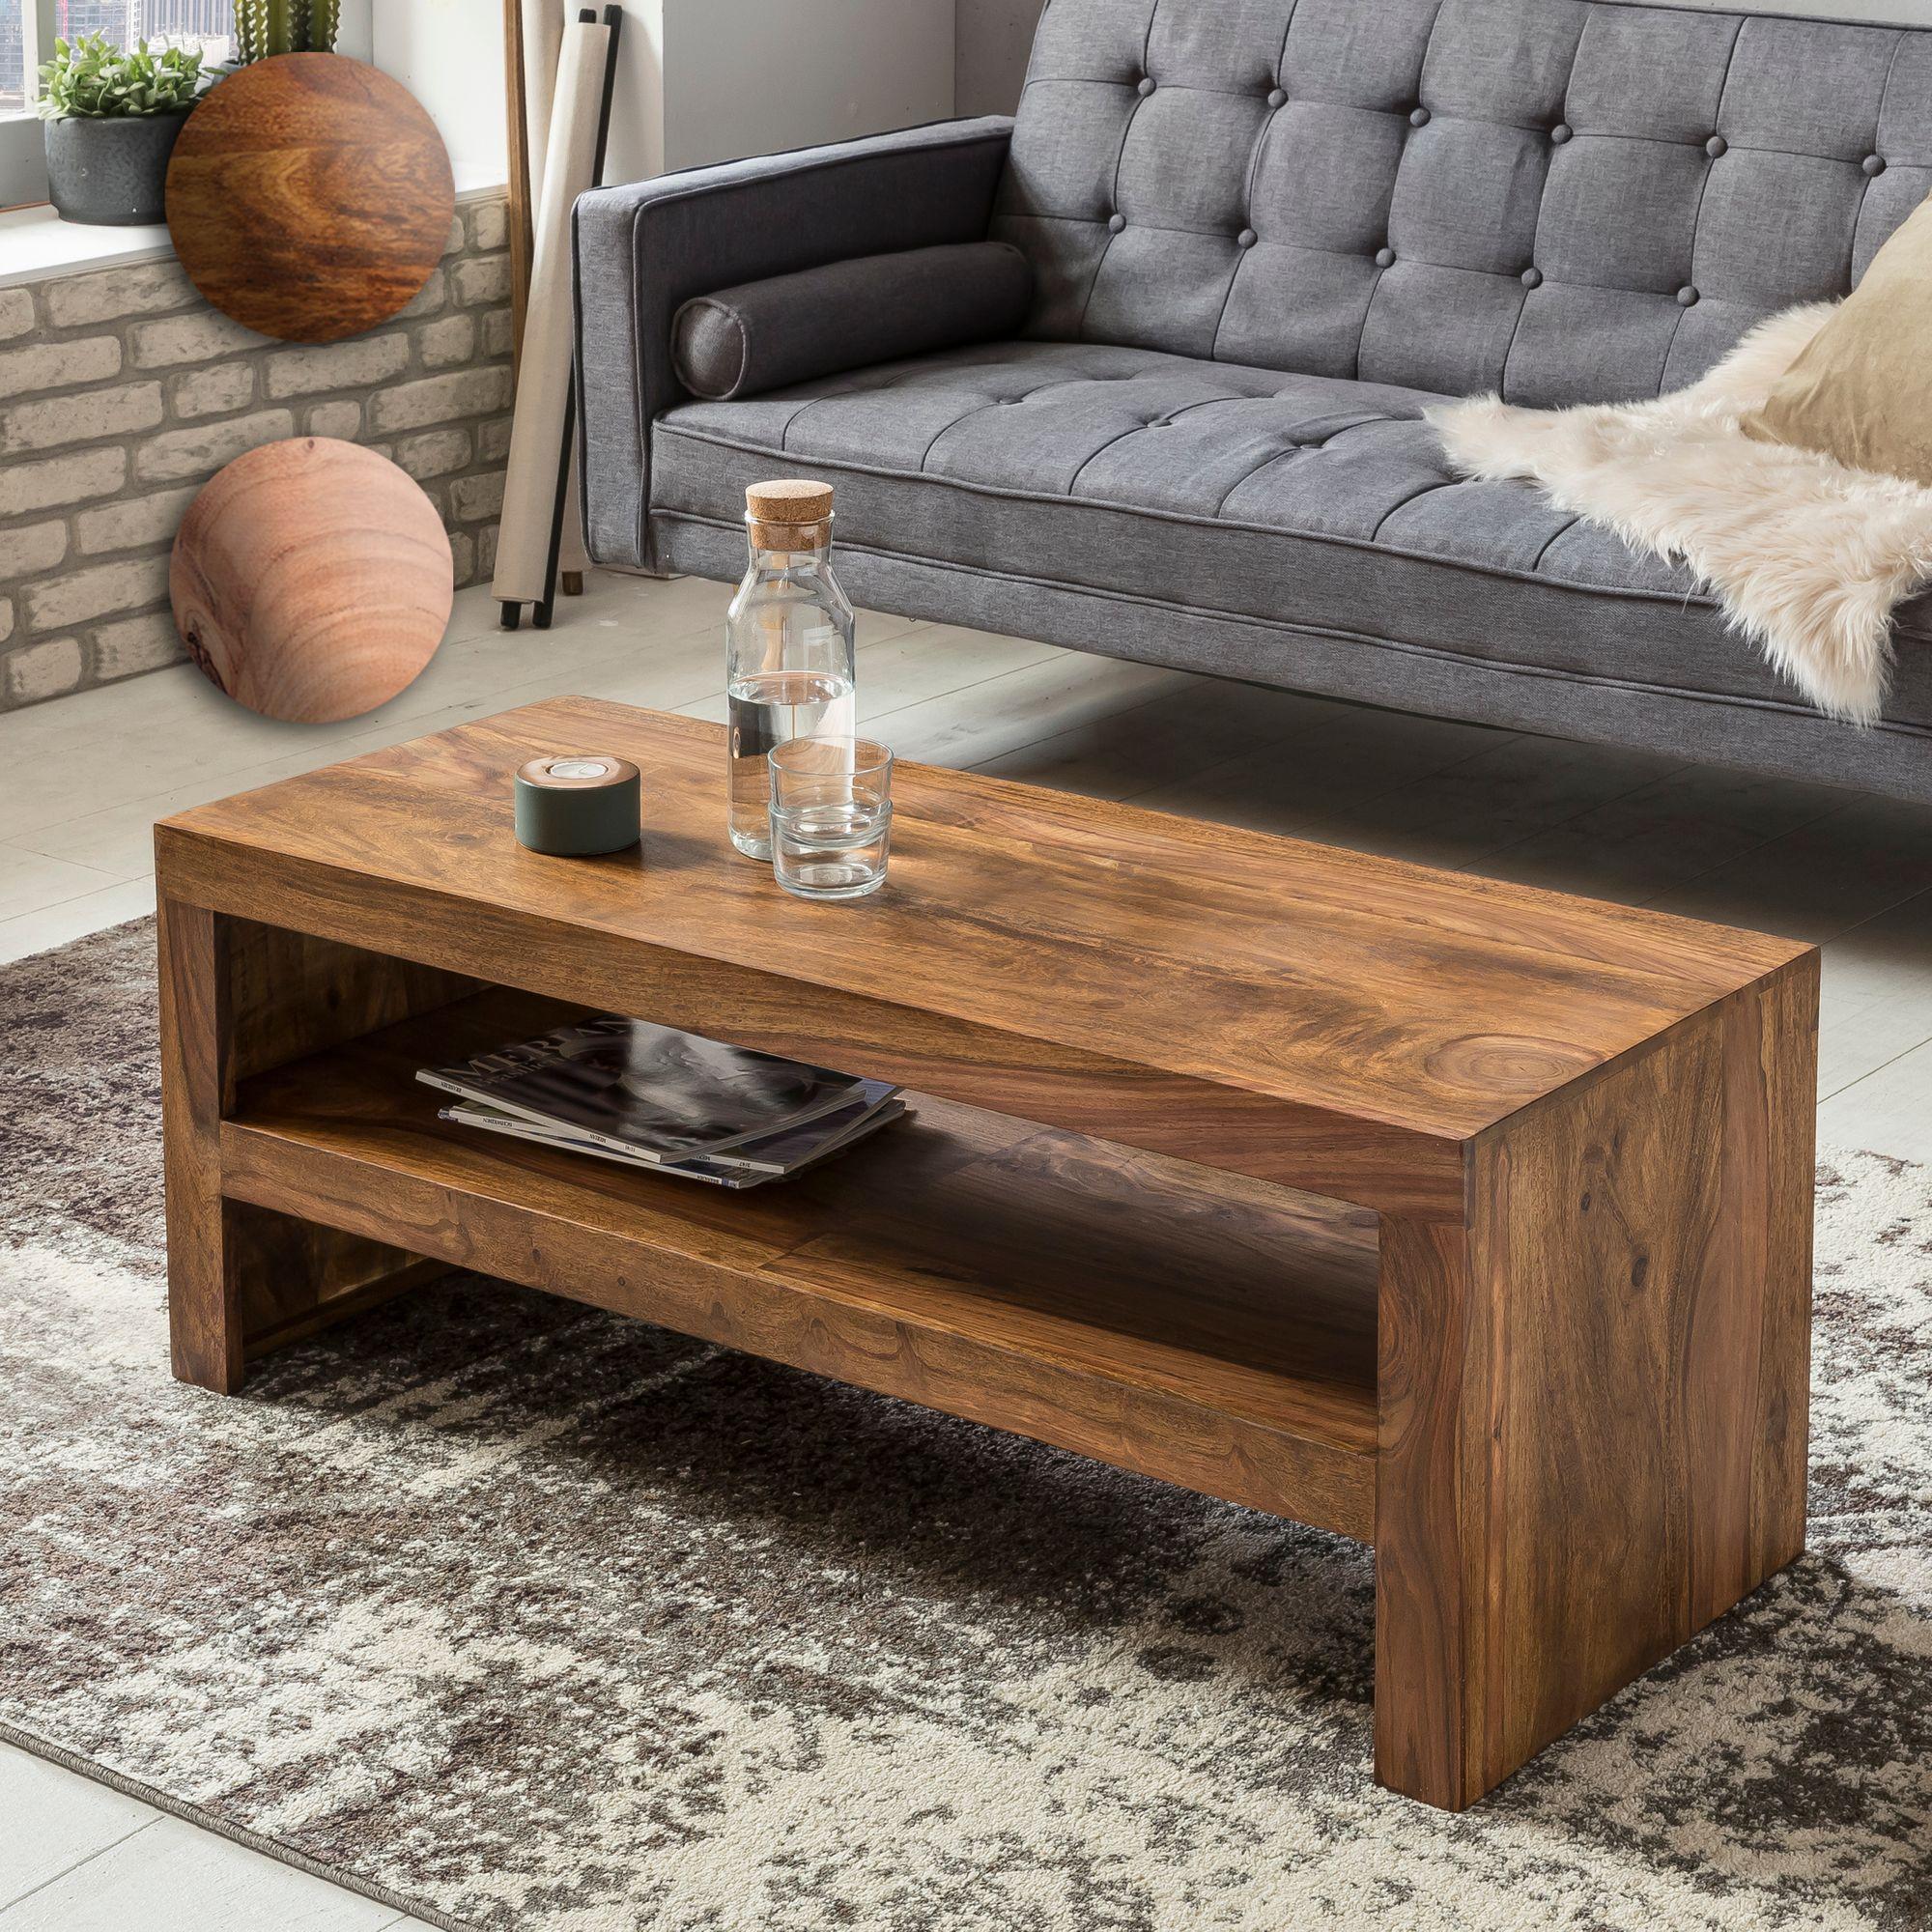 Massiver Couchtisch Holz Massiv Dunkel 110cm Design Wohnzimmertisch